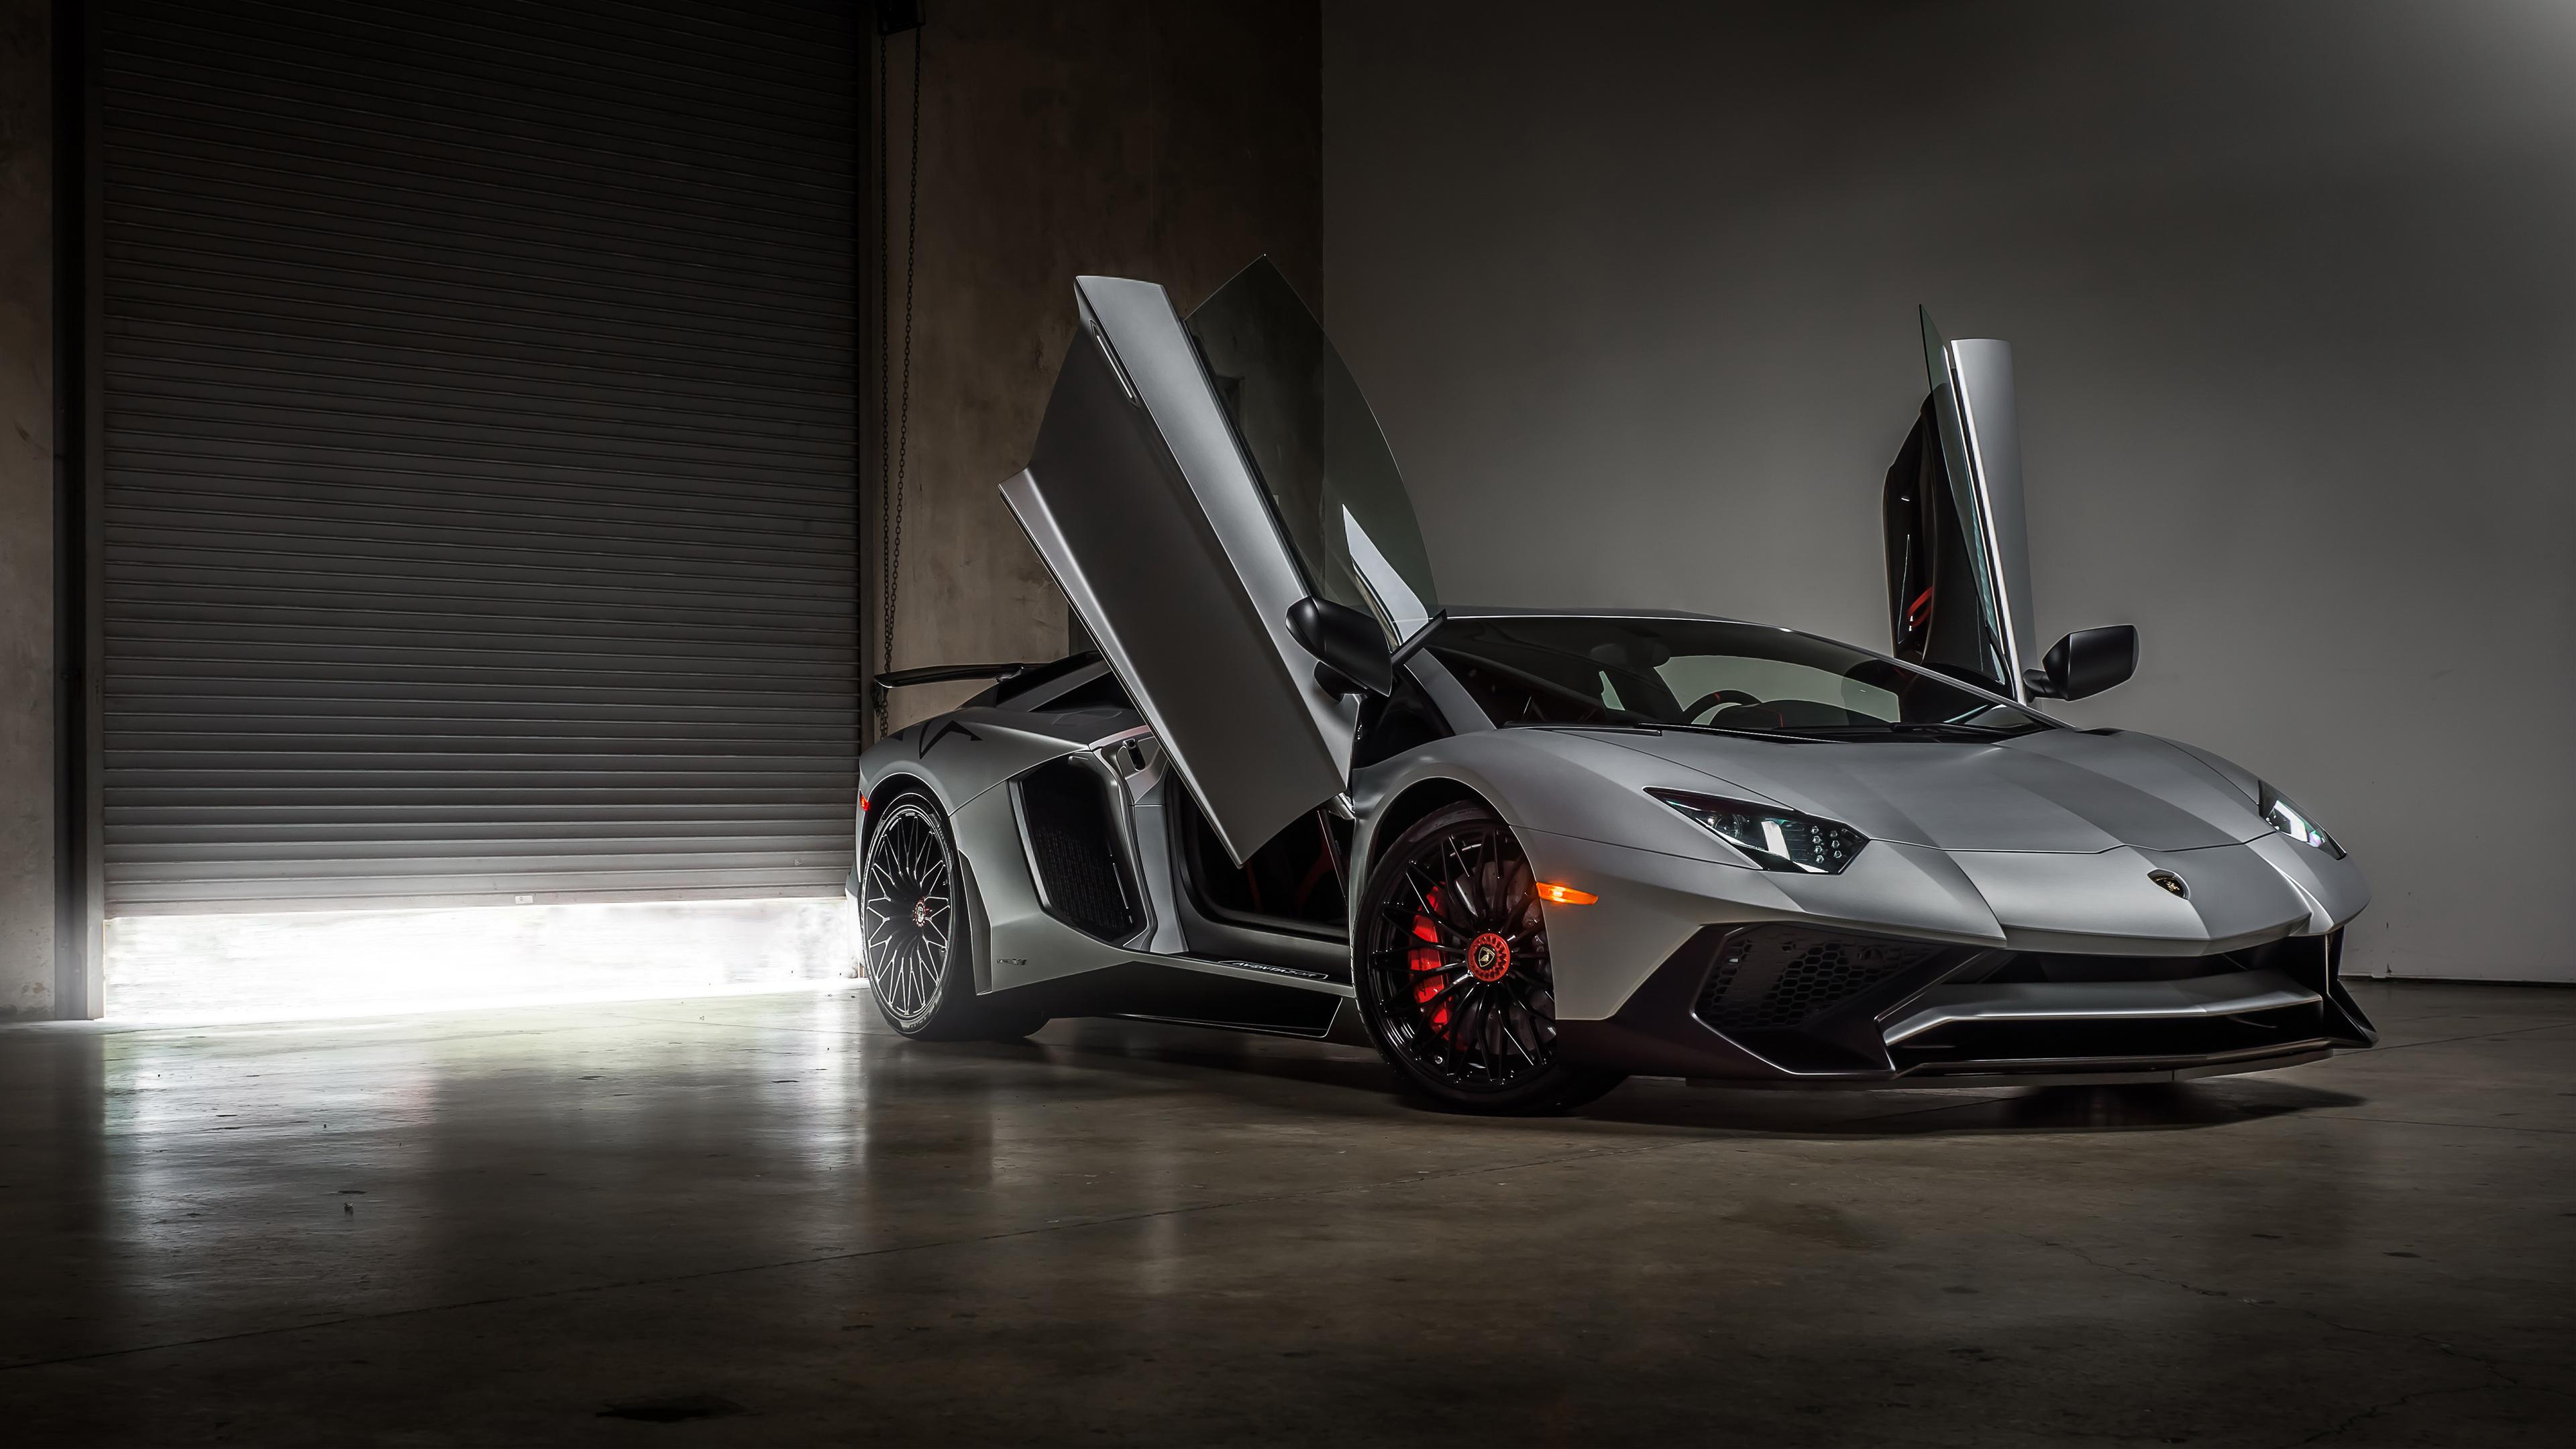 2018 Lamborghini Aventador LP 750 SV 4K